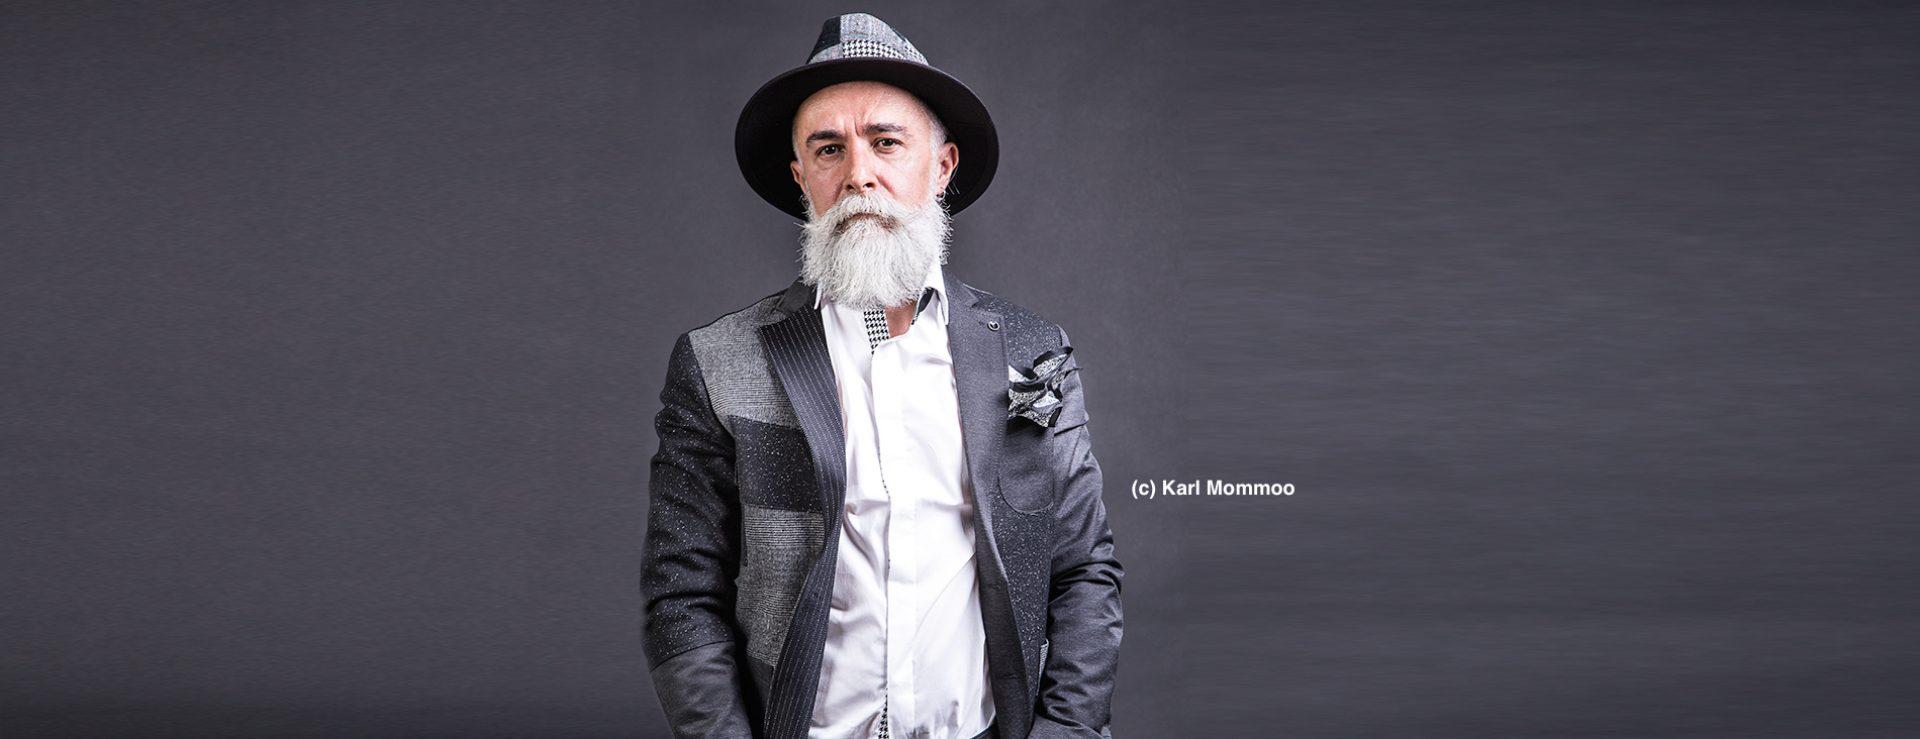 Presente Moda Uomo – Terno d'Isola